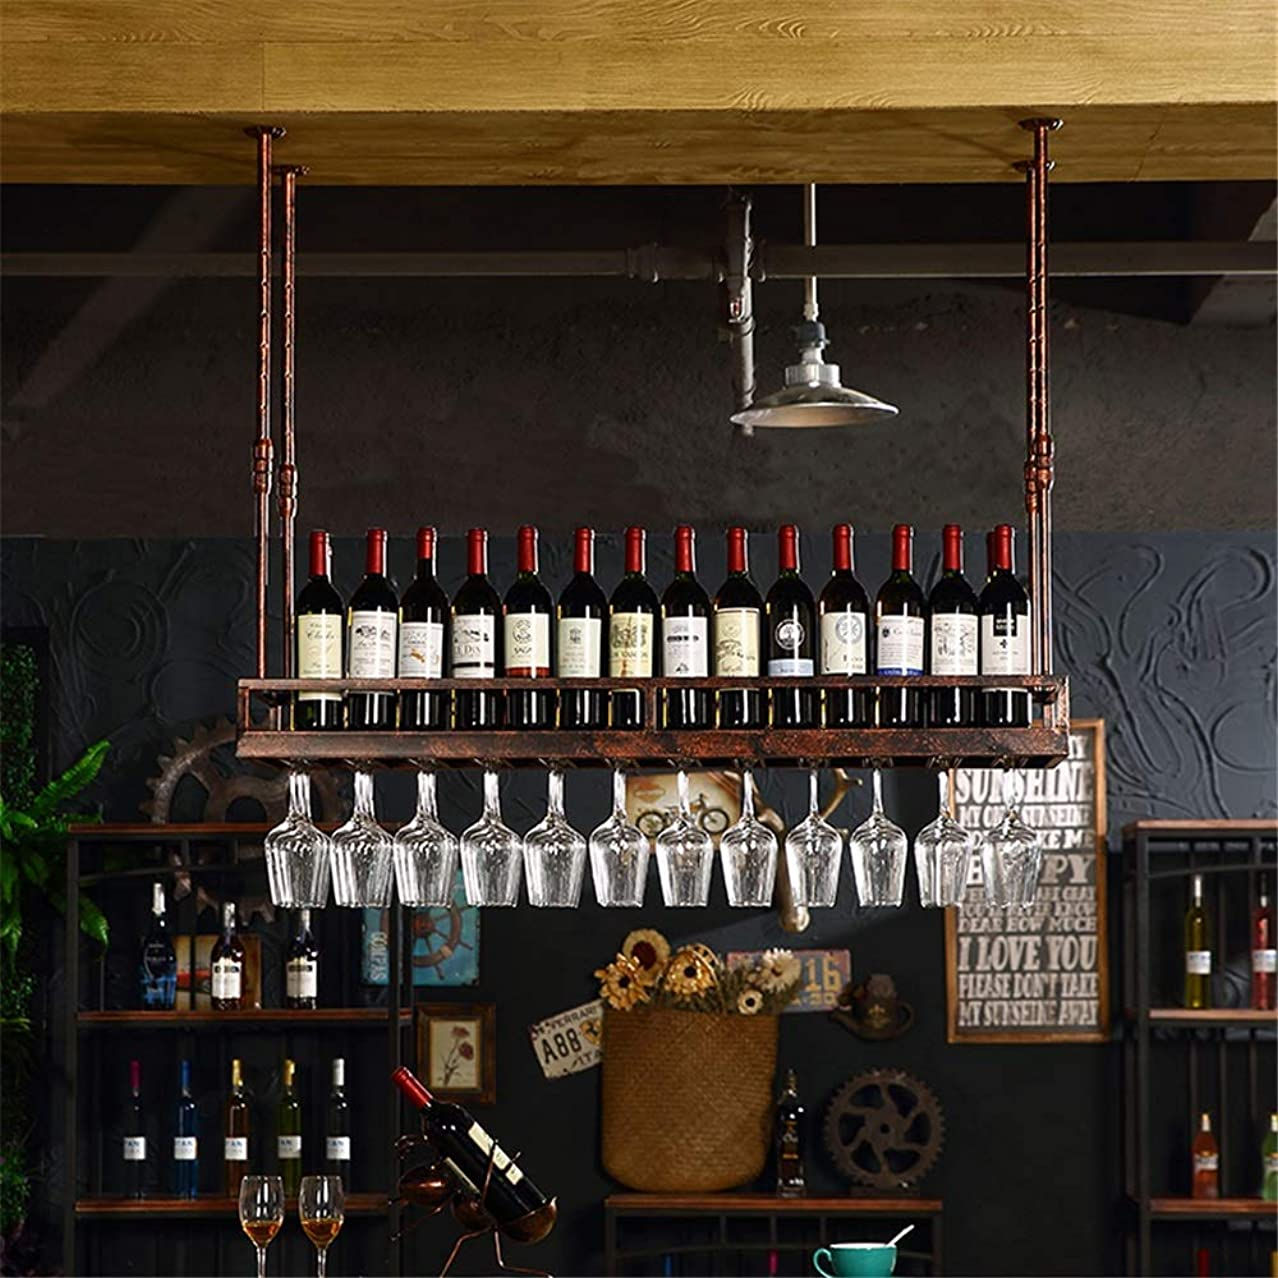 追放する栄光のコミュニティワインラック ワイングラスラック逆さまゴブレットラックワインボトルラックぶら下げカップホルダークリエイティブワインラック装飾ホーム ワインラックワイン収納 (色 : ブロンズ, サイズ : 50x35cm)